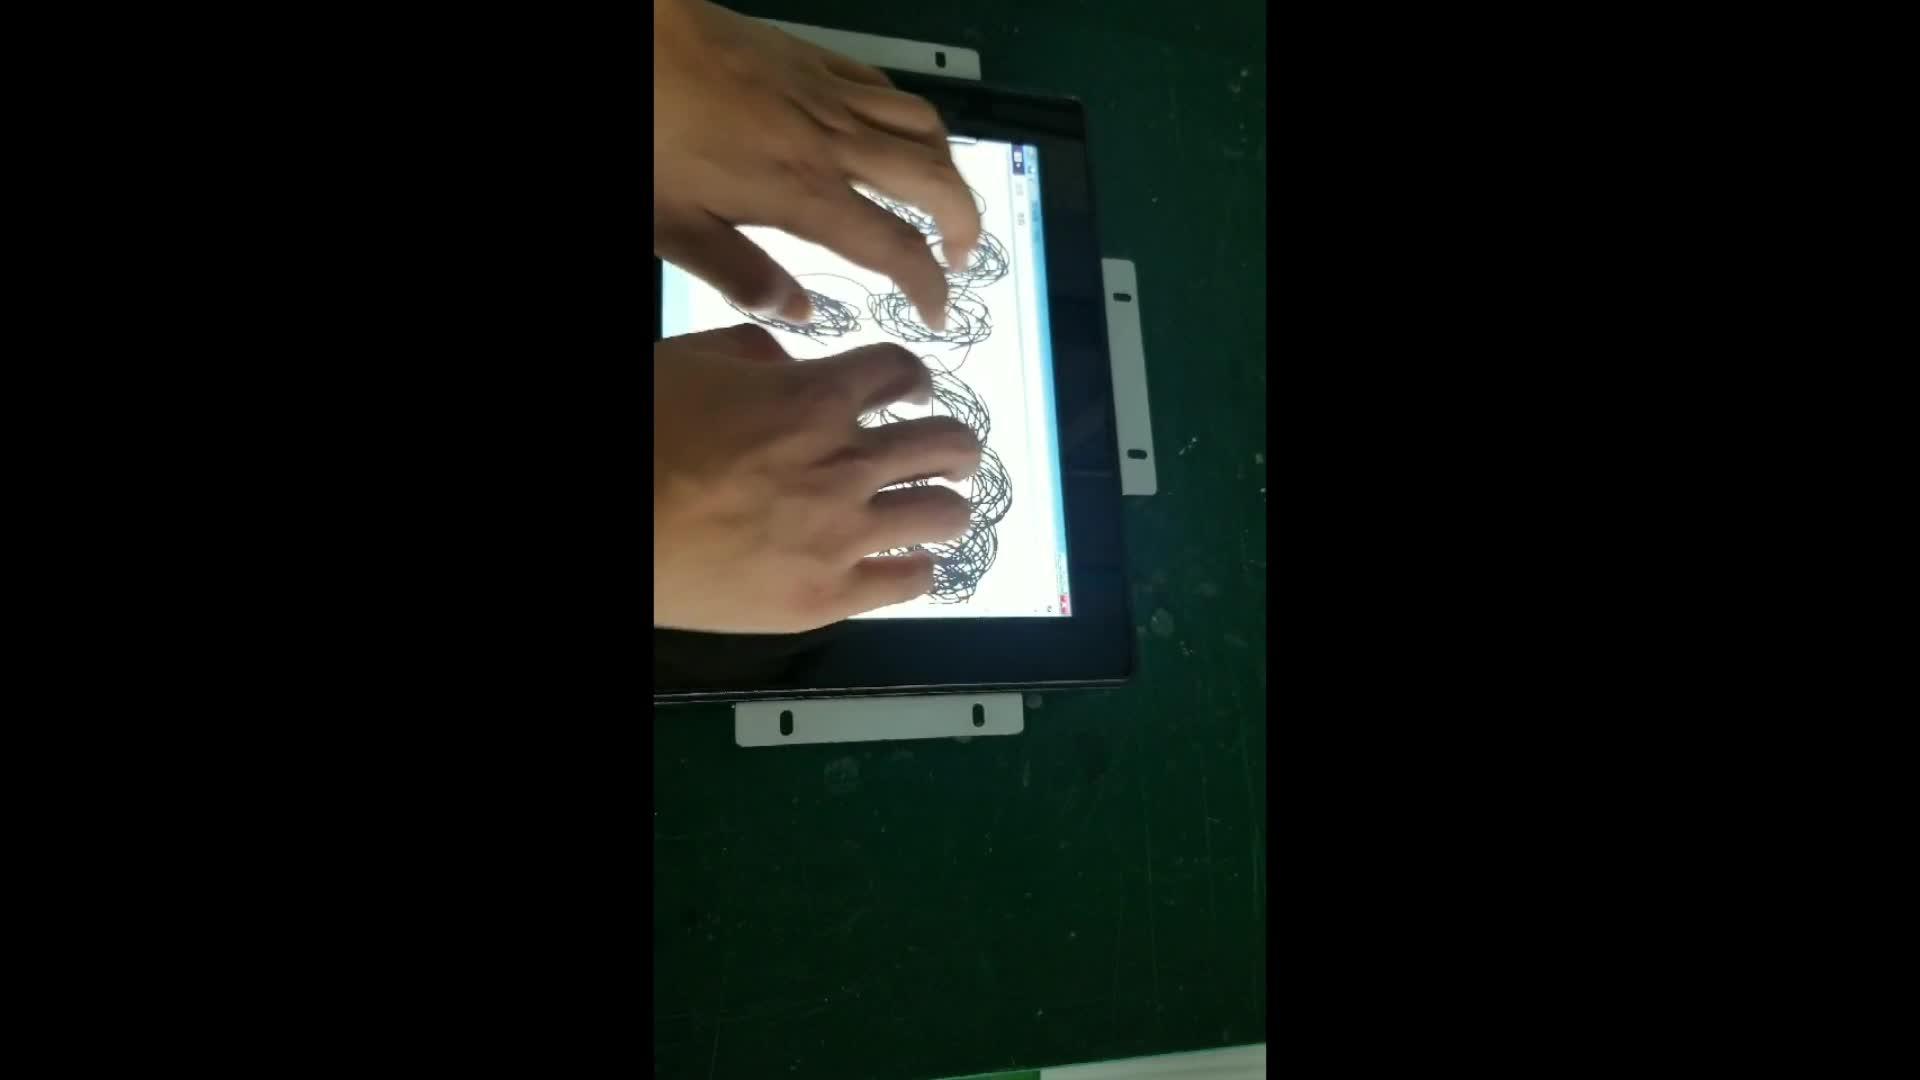 Màn Hình cảm ứng Mini PC 10.4 inch Công Nghiệp Máy Tính Bảng Android